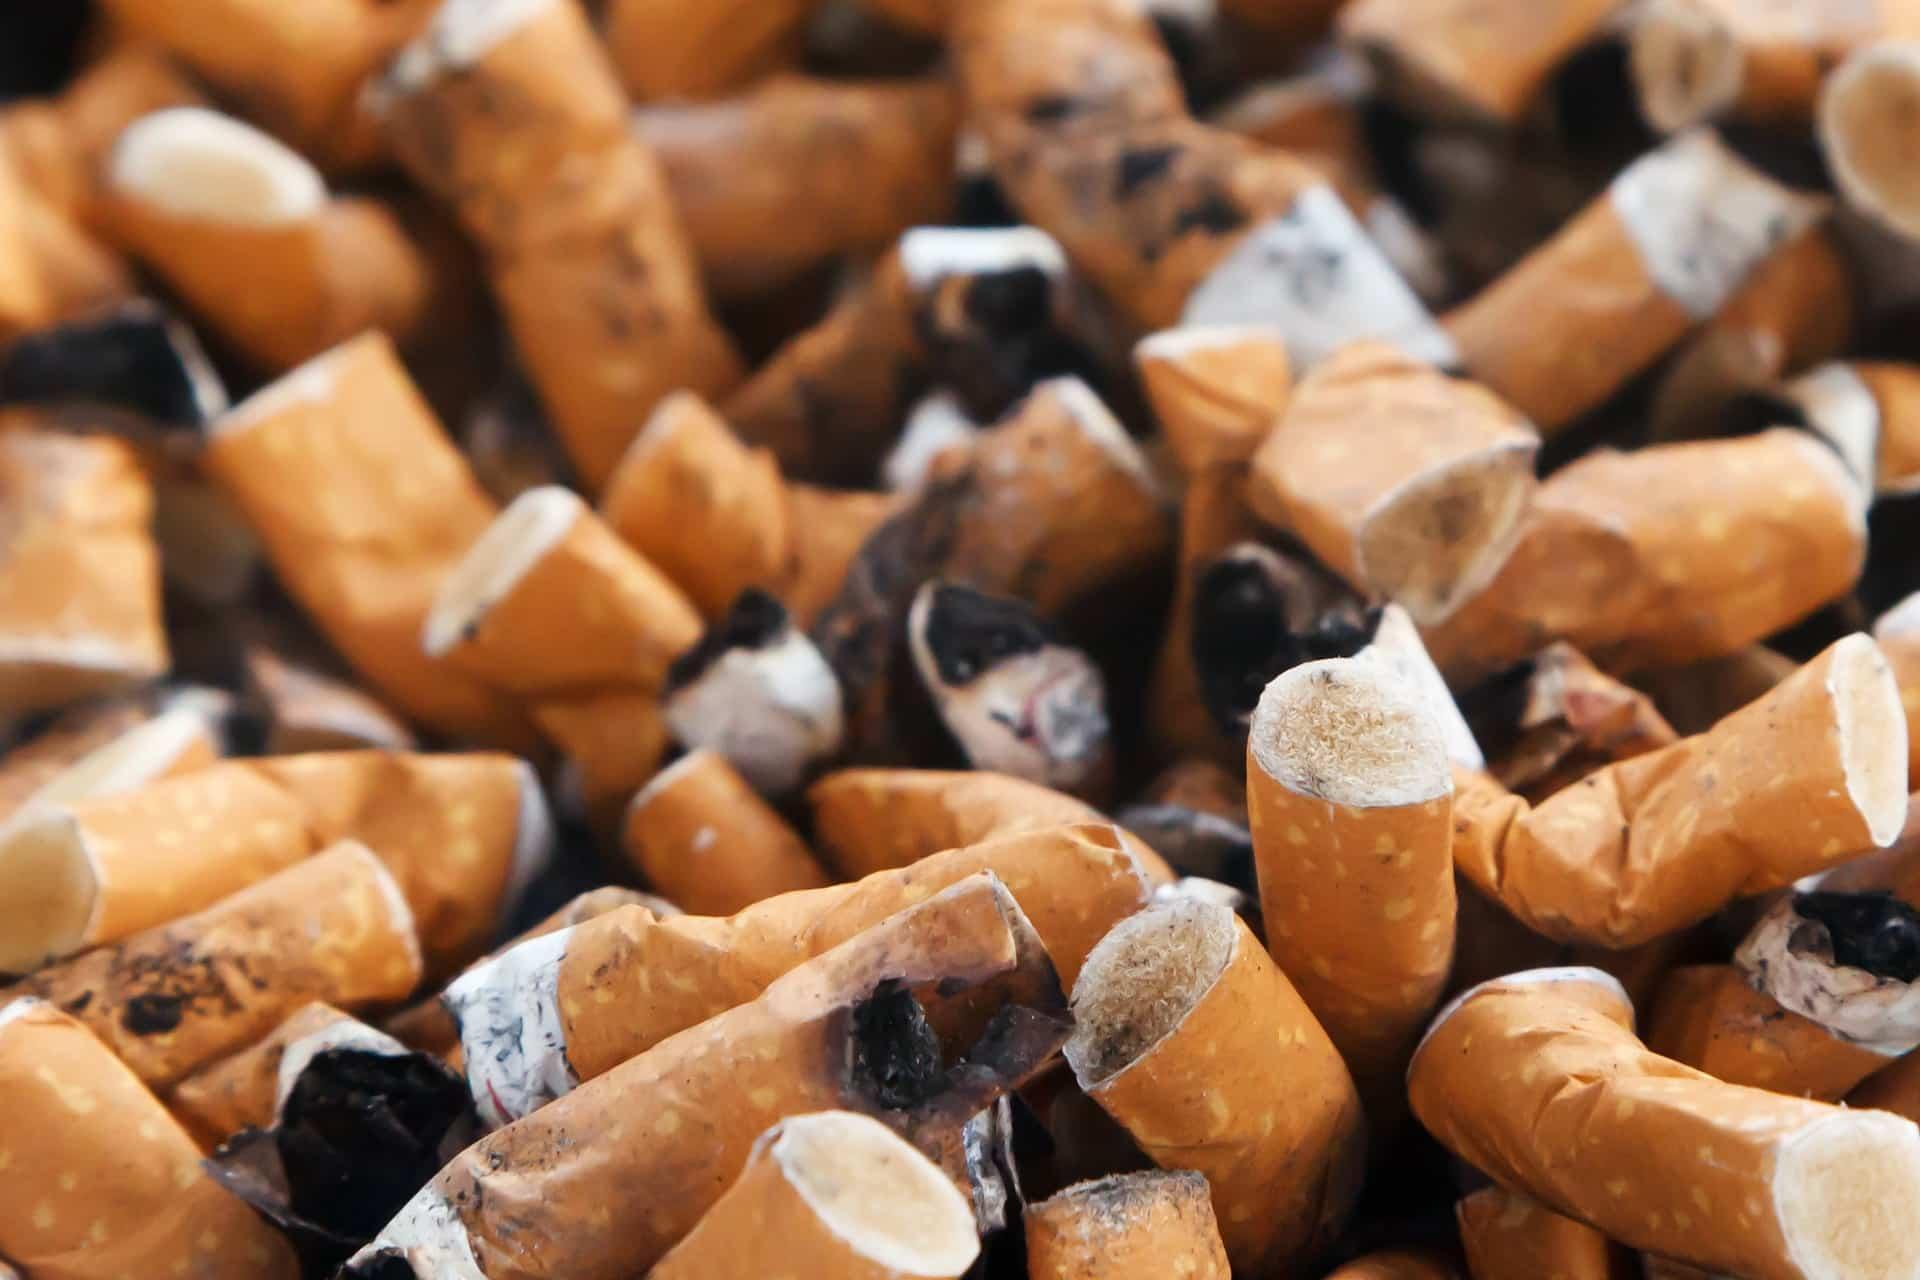 Roken om te ontspannen